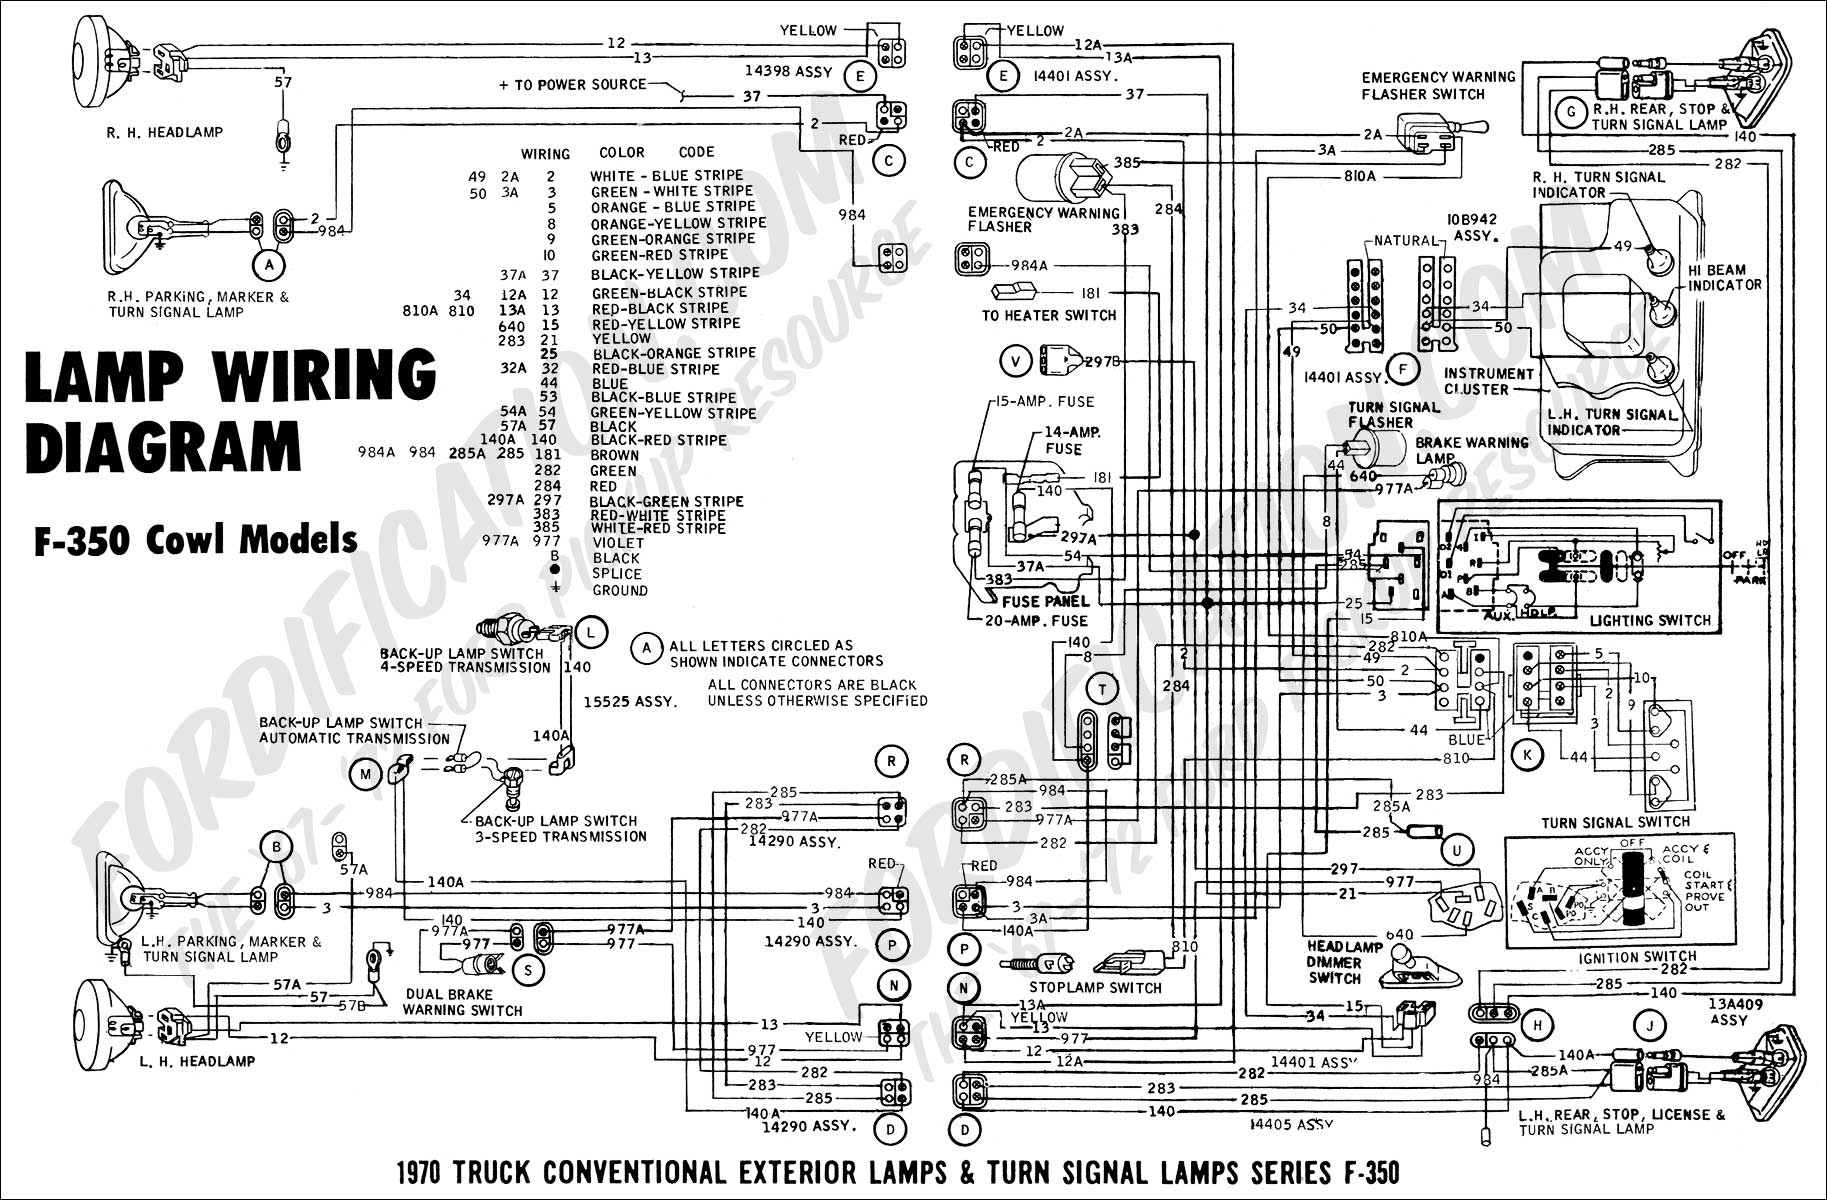 Ford Schematics | Wiring Diagram - Schematic Wiring Diagram